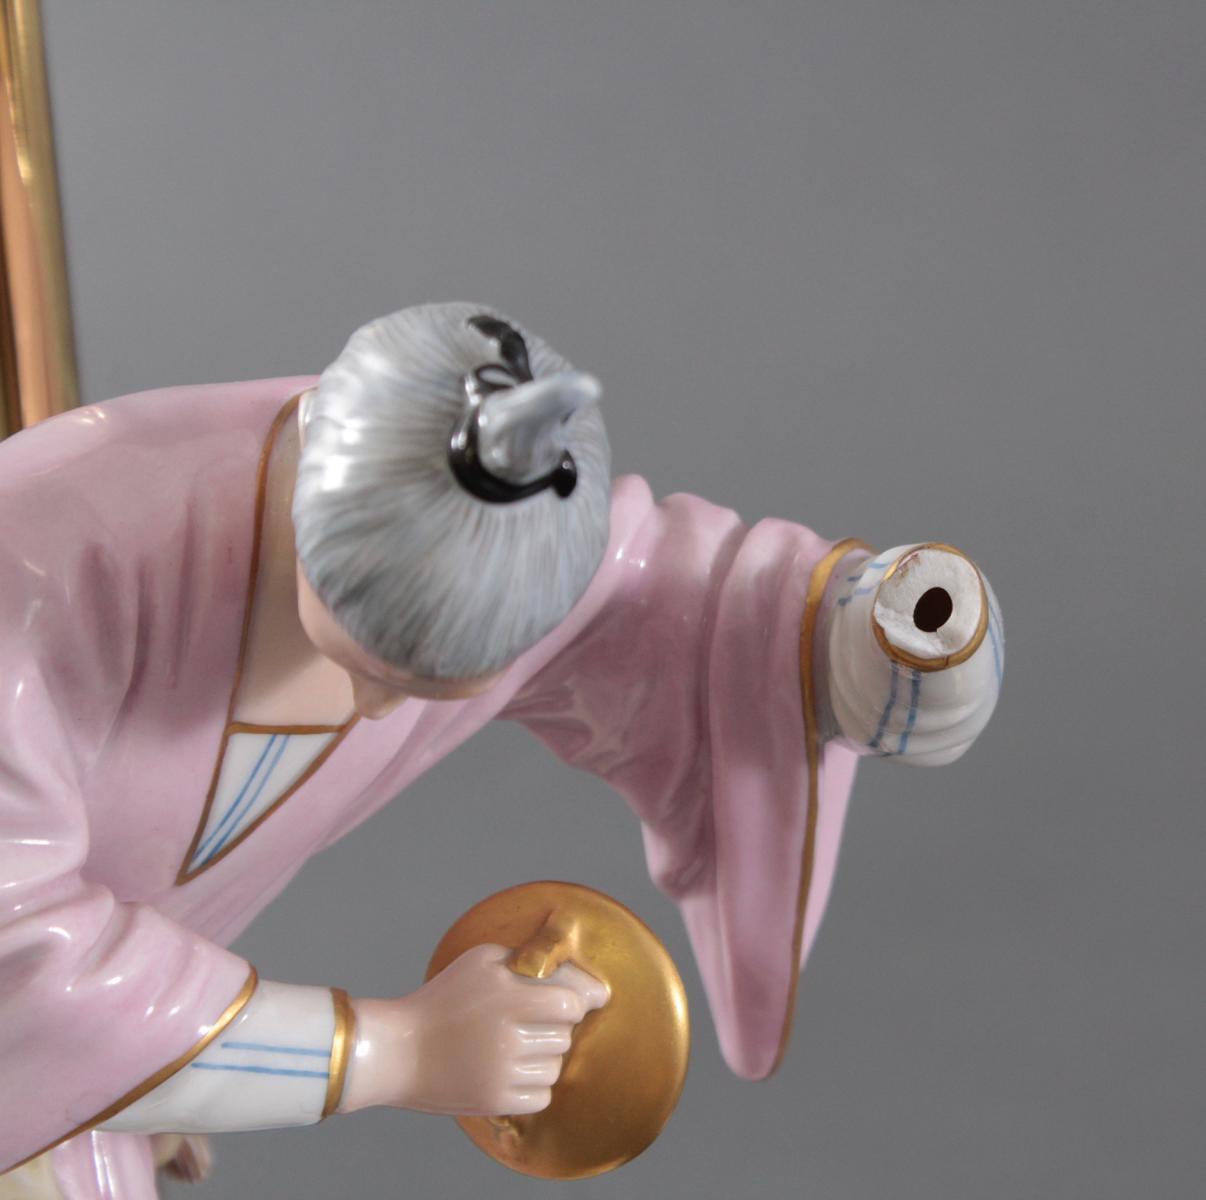 Höchster Porzellanmanufaktur. Chinese mit Tschnellen-8